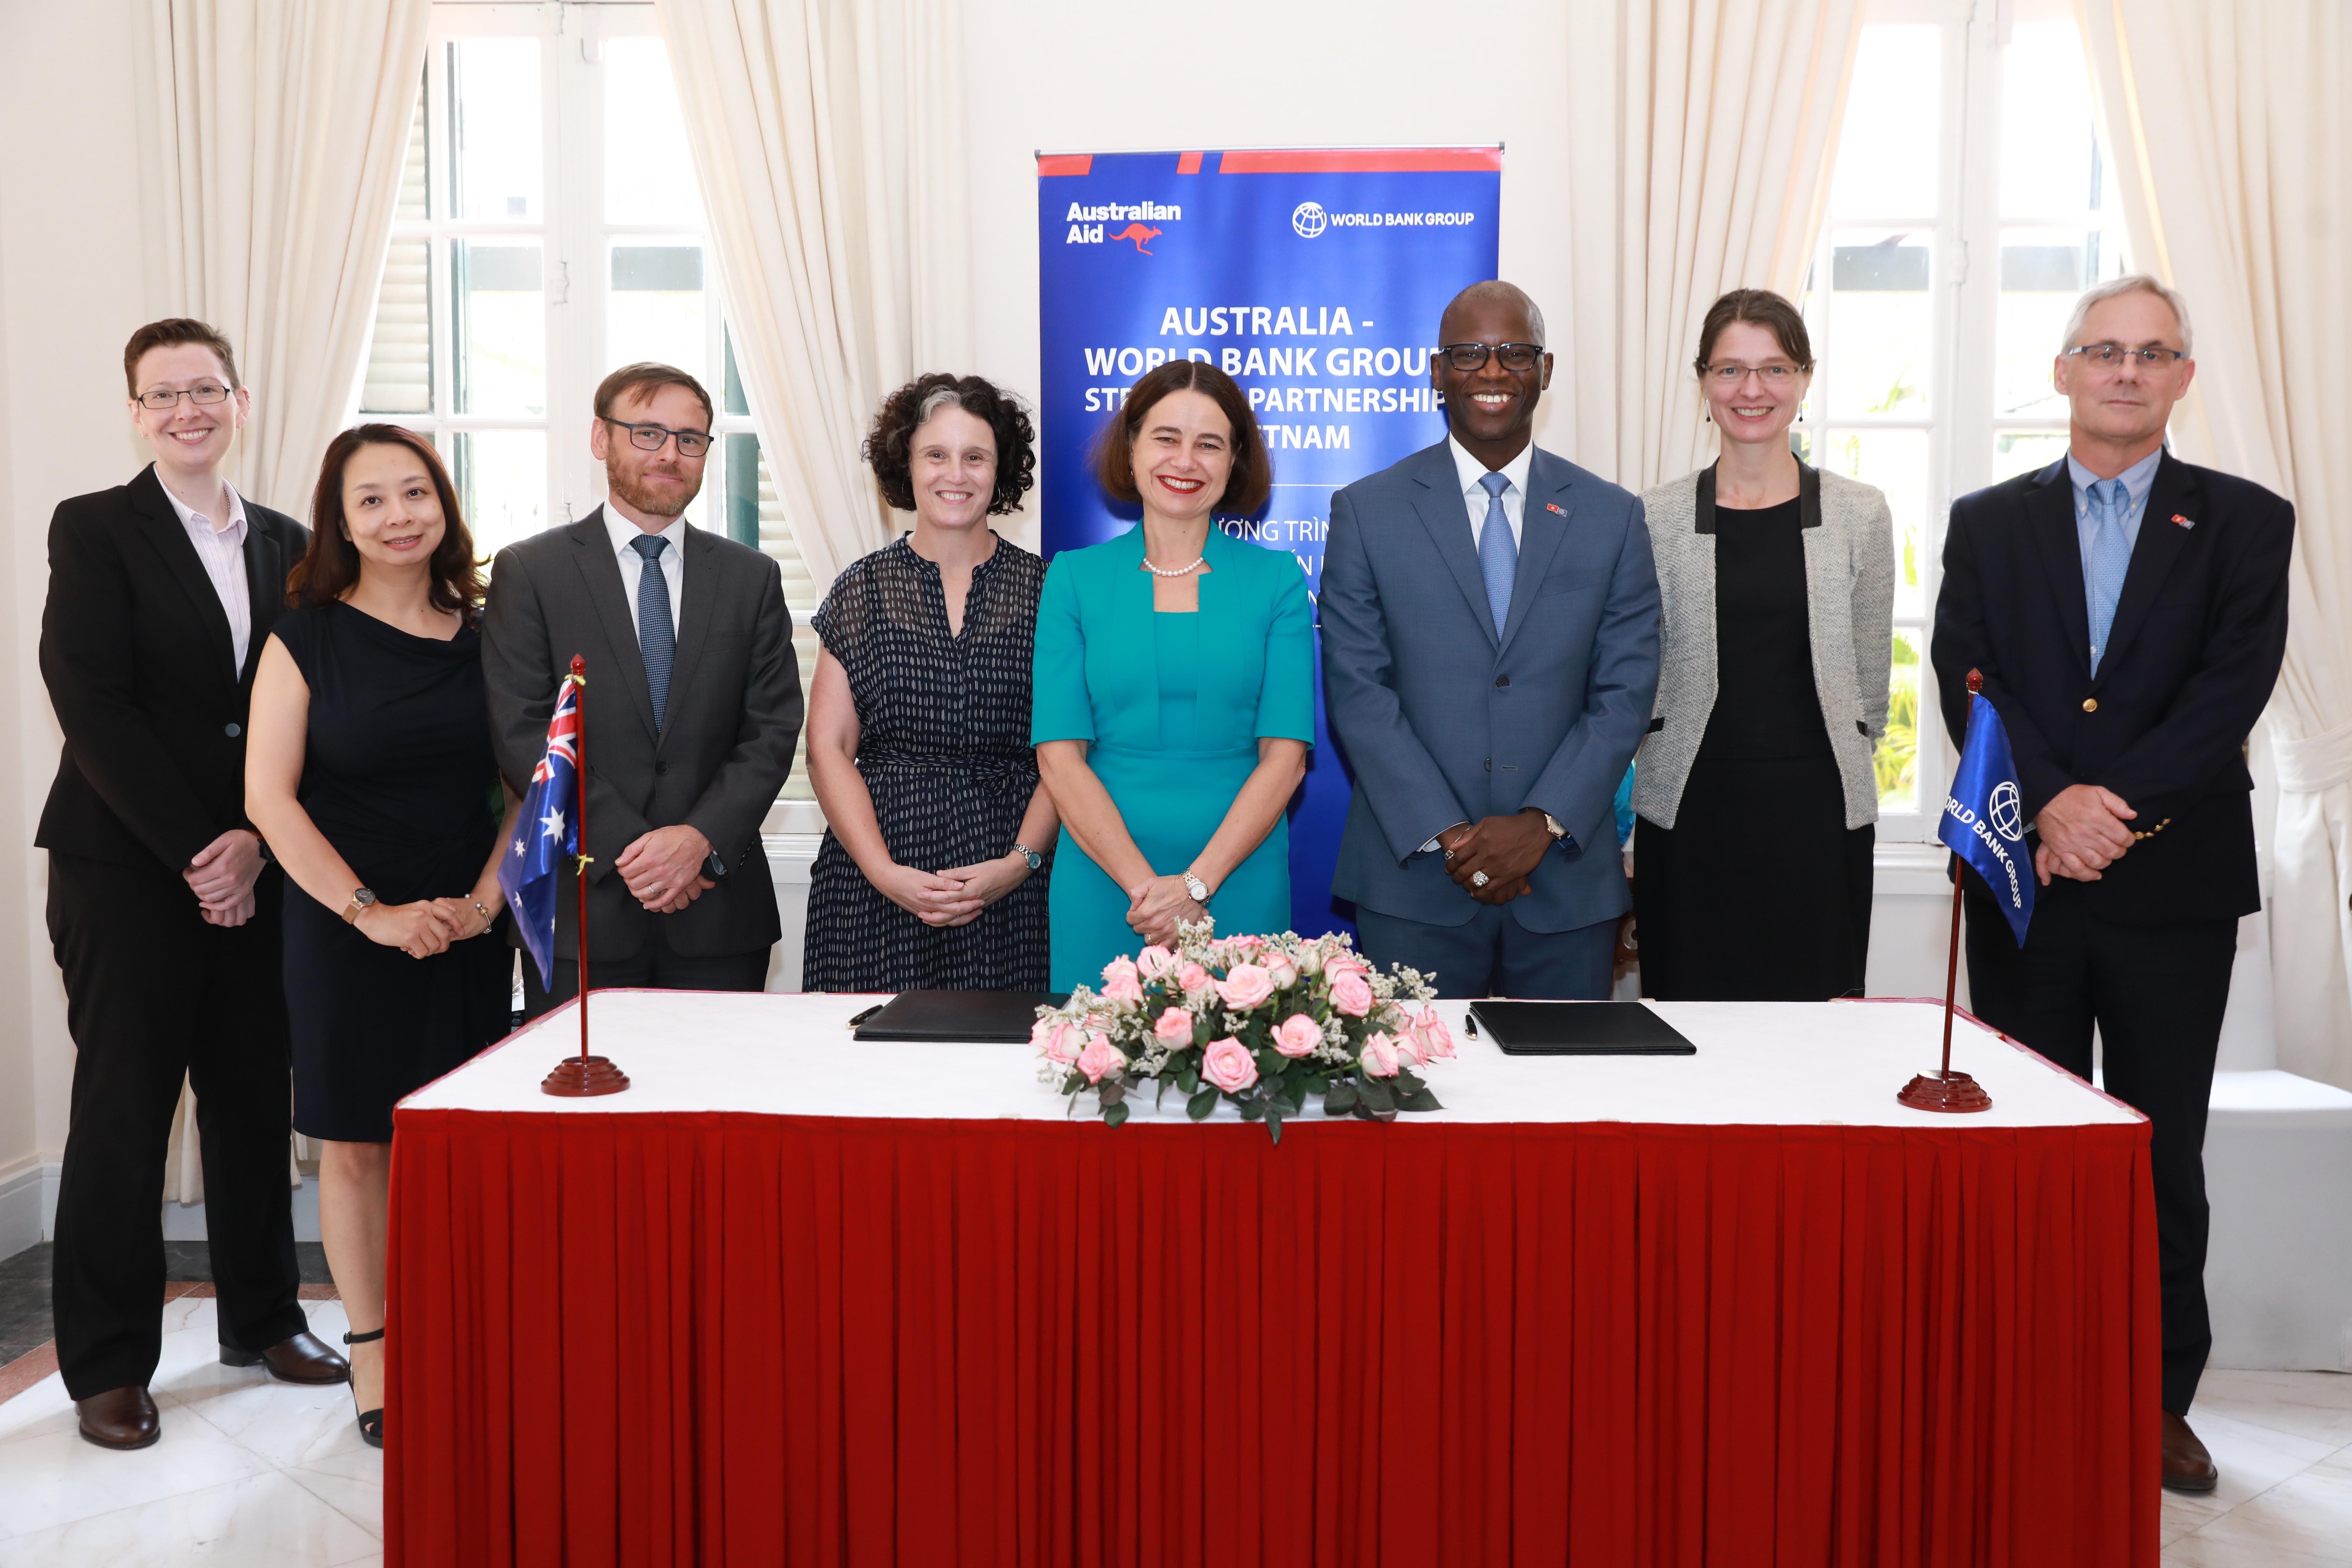 Úc và Nhóm Ngân hàng Thế giới hỗ trợ Việt Nam giảm thiểu tác động từ COVID-19